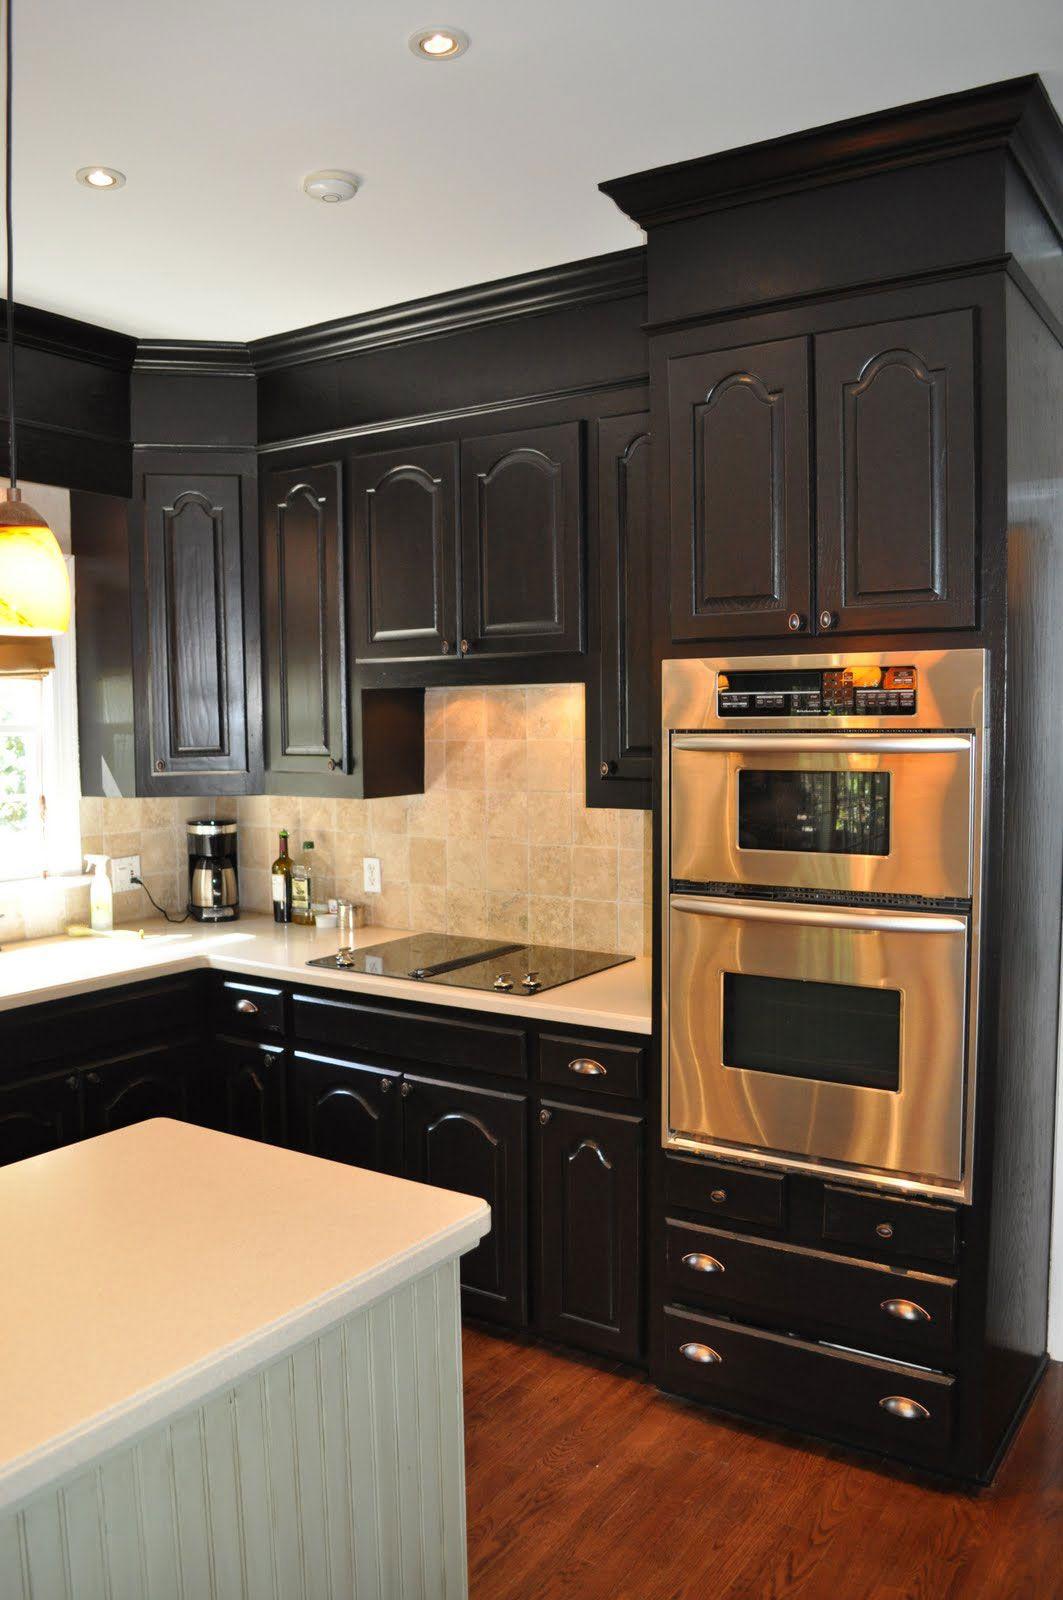 Kitchen Cabinets Ideas Tag White Kitchen Cabinets Backsplash Kitchen Design Small Home Kitchens Kitchen Soffit